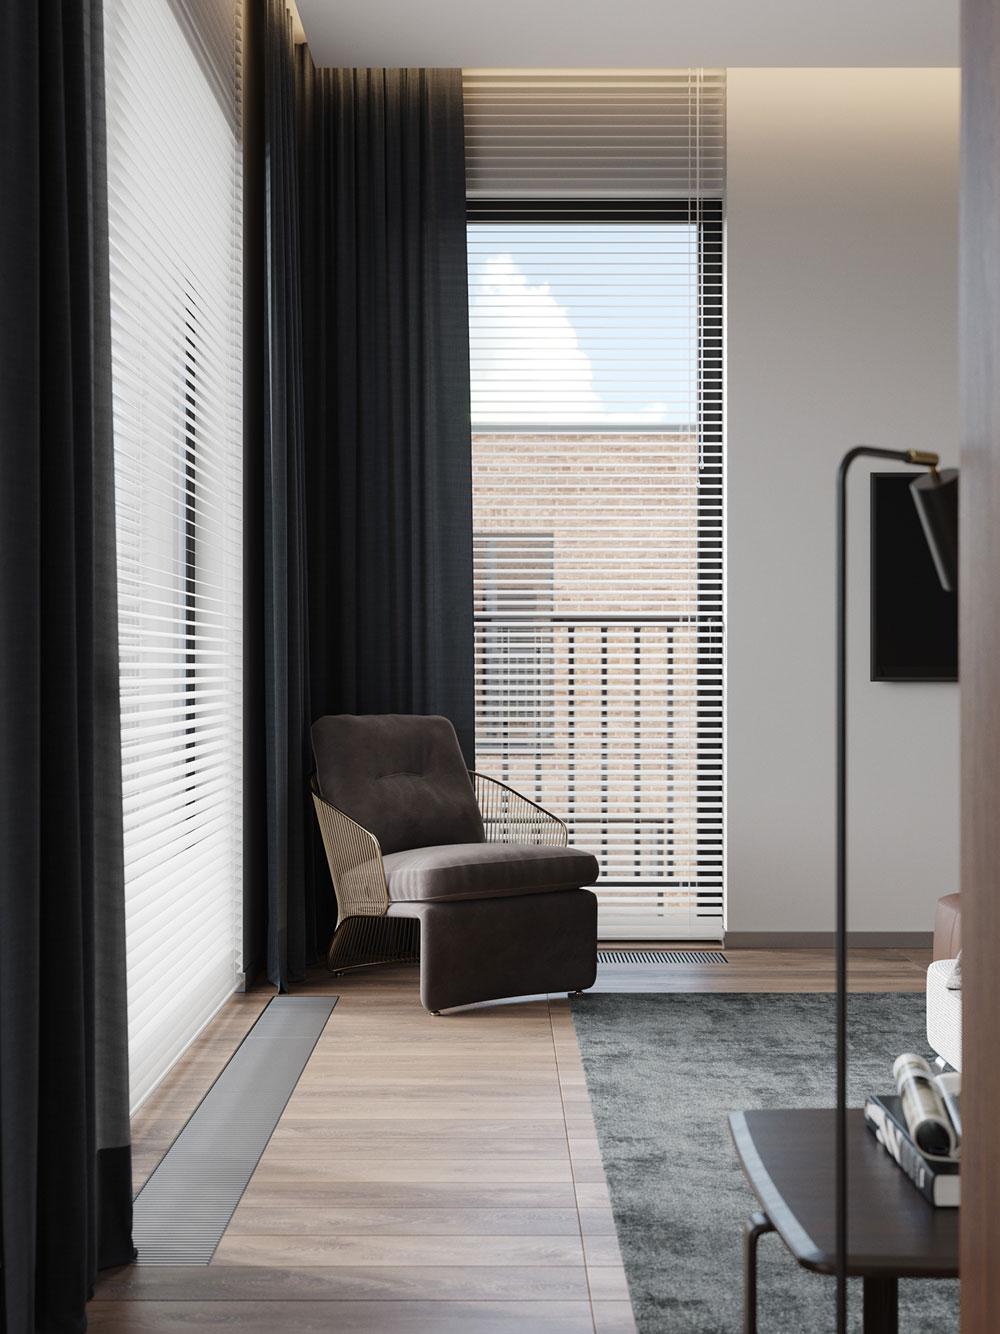 thiết kế nội thất chung cư cao cấp ảnh 4